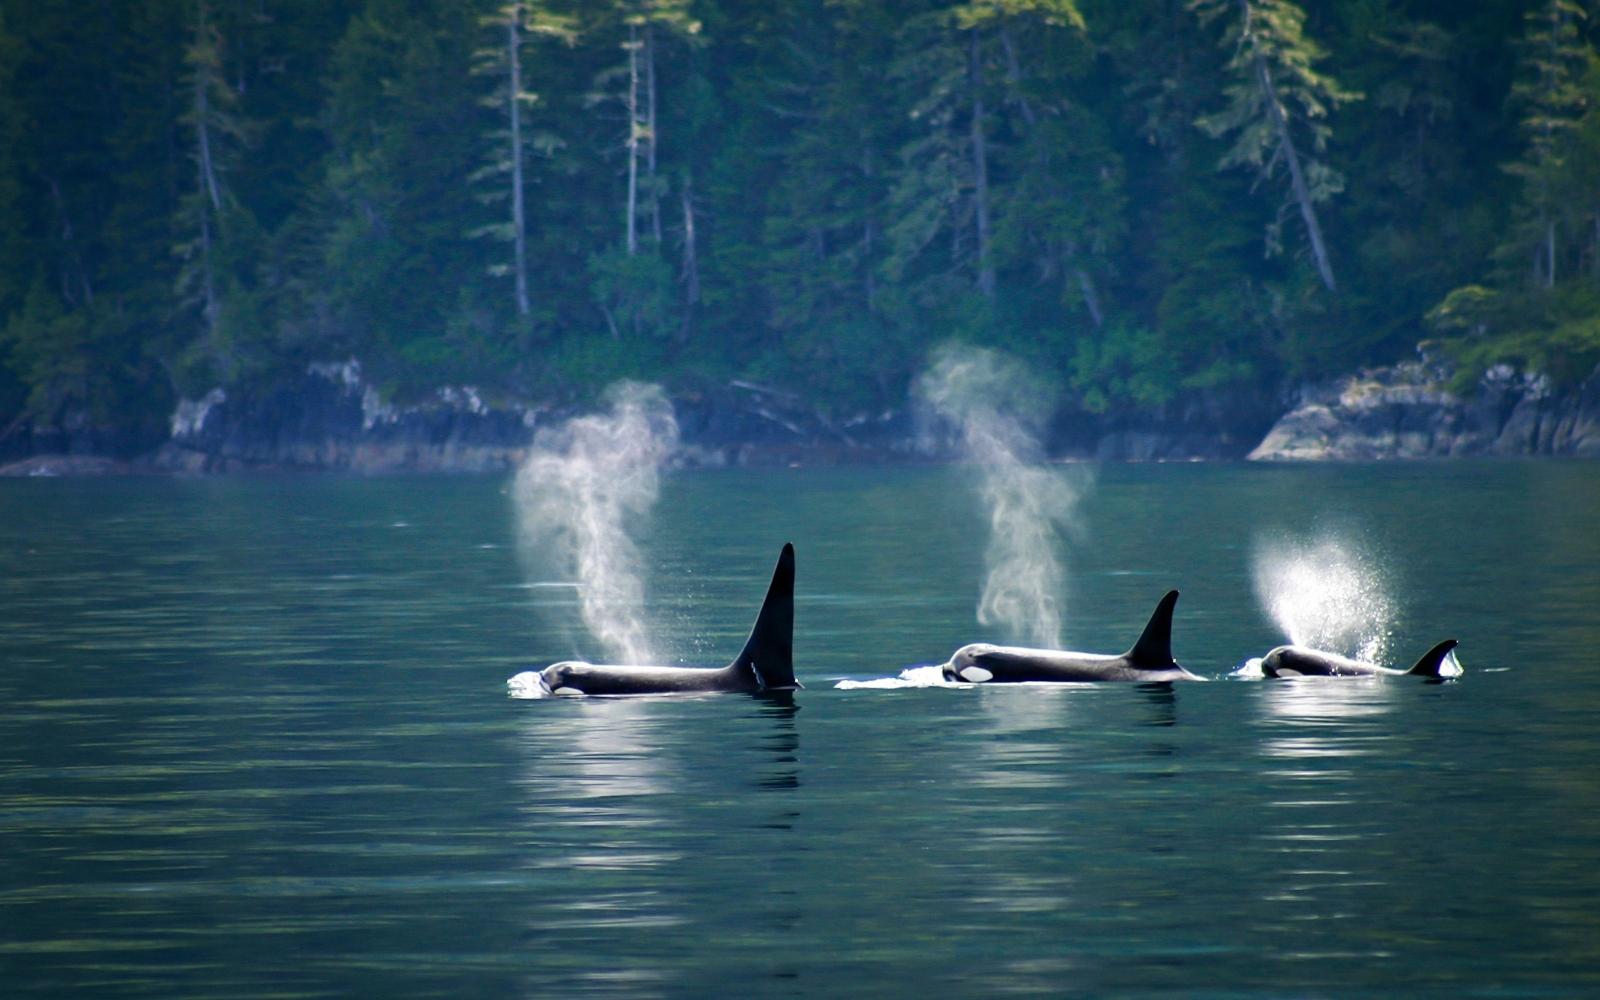 familia de orcas nadando